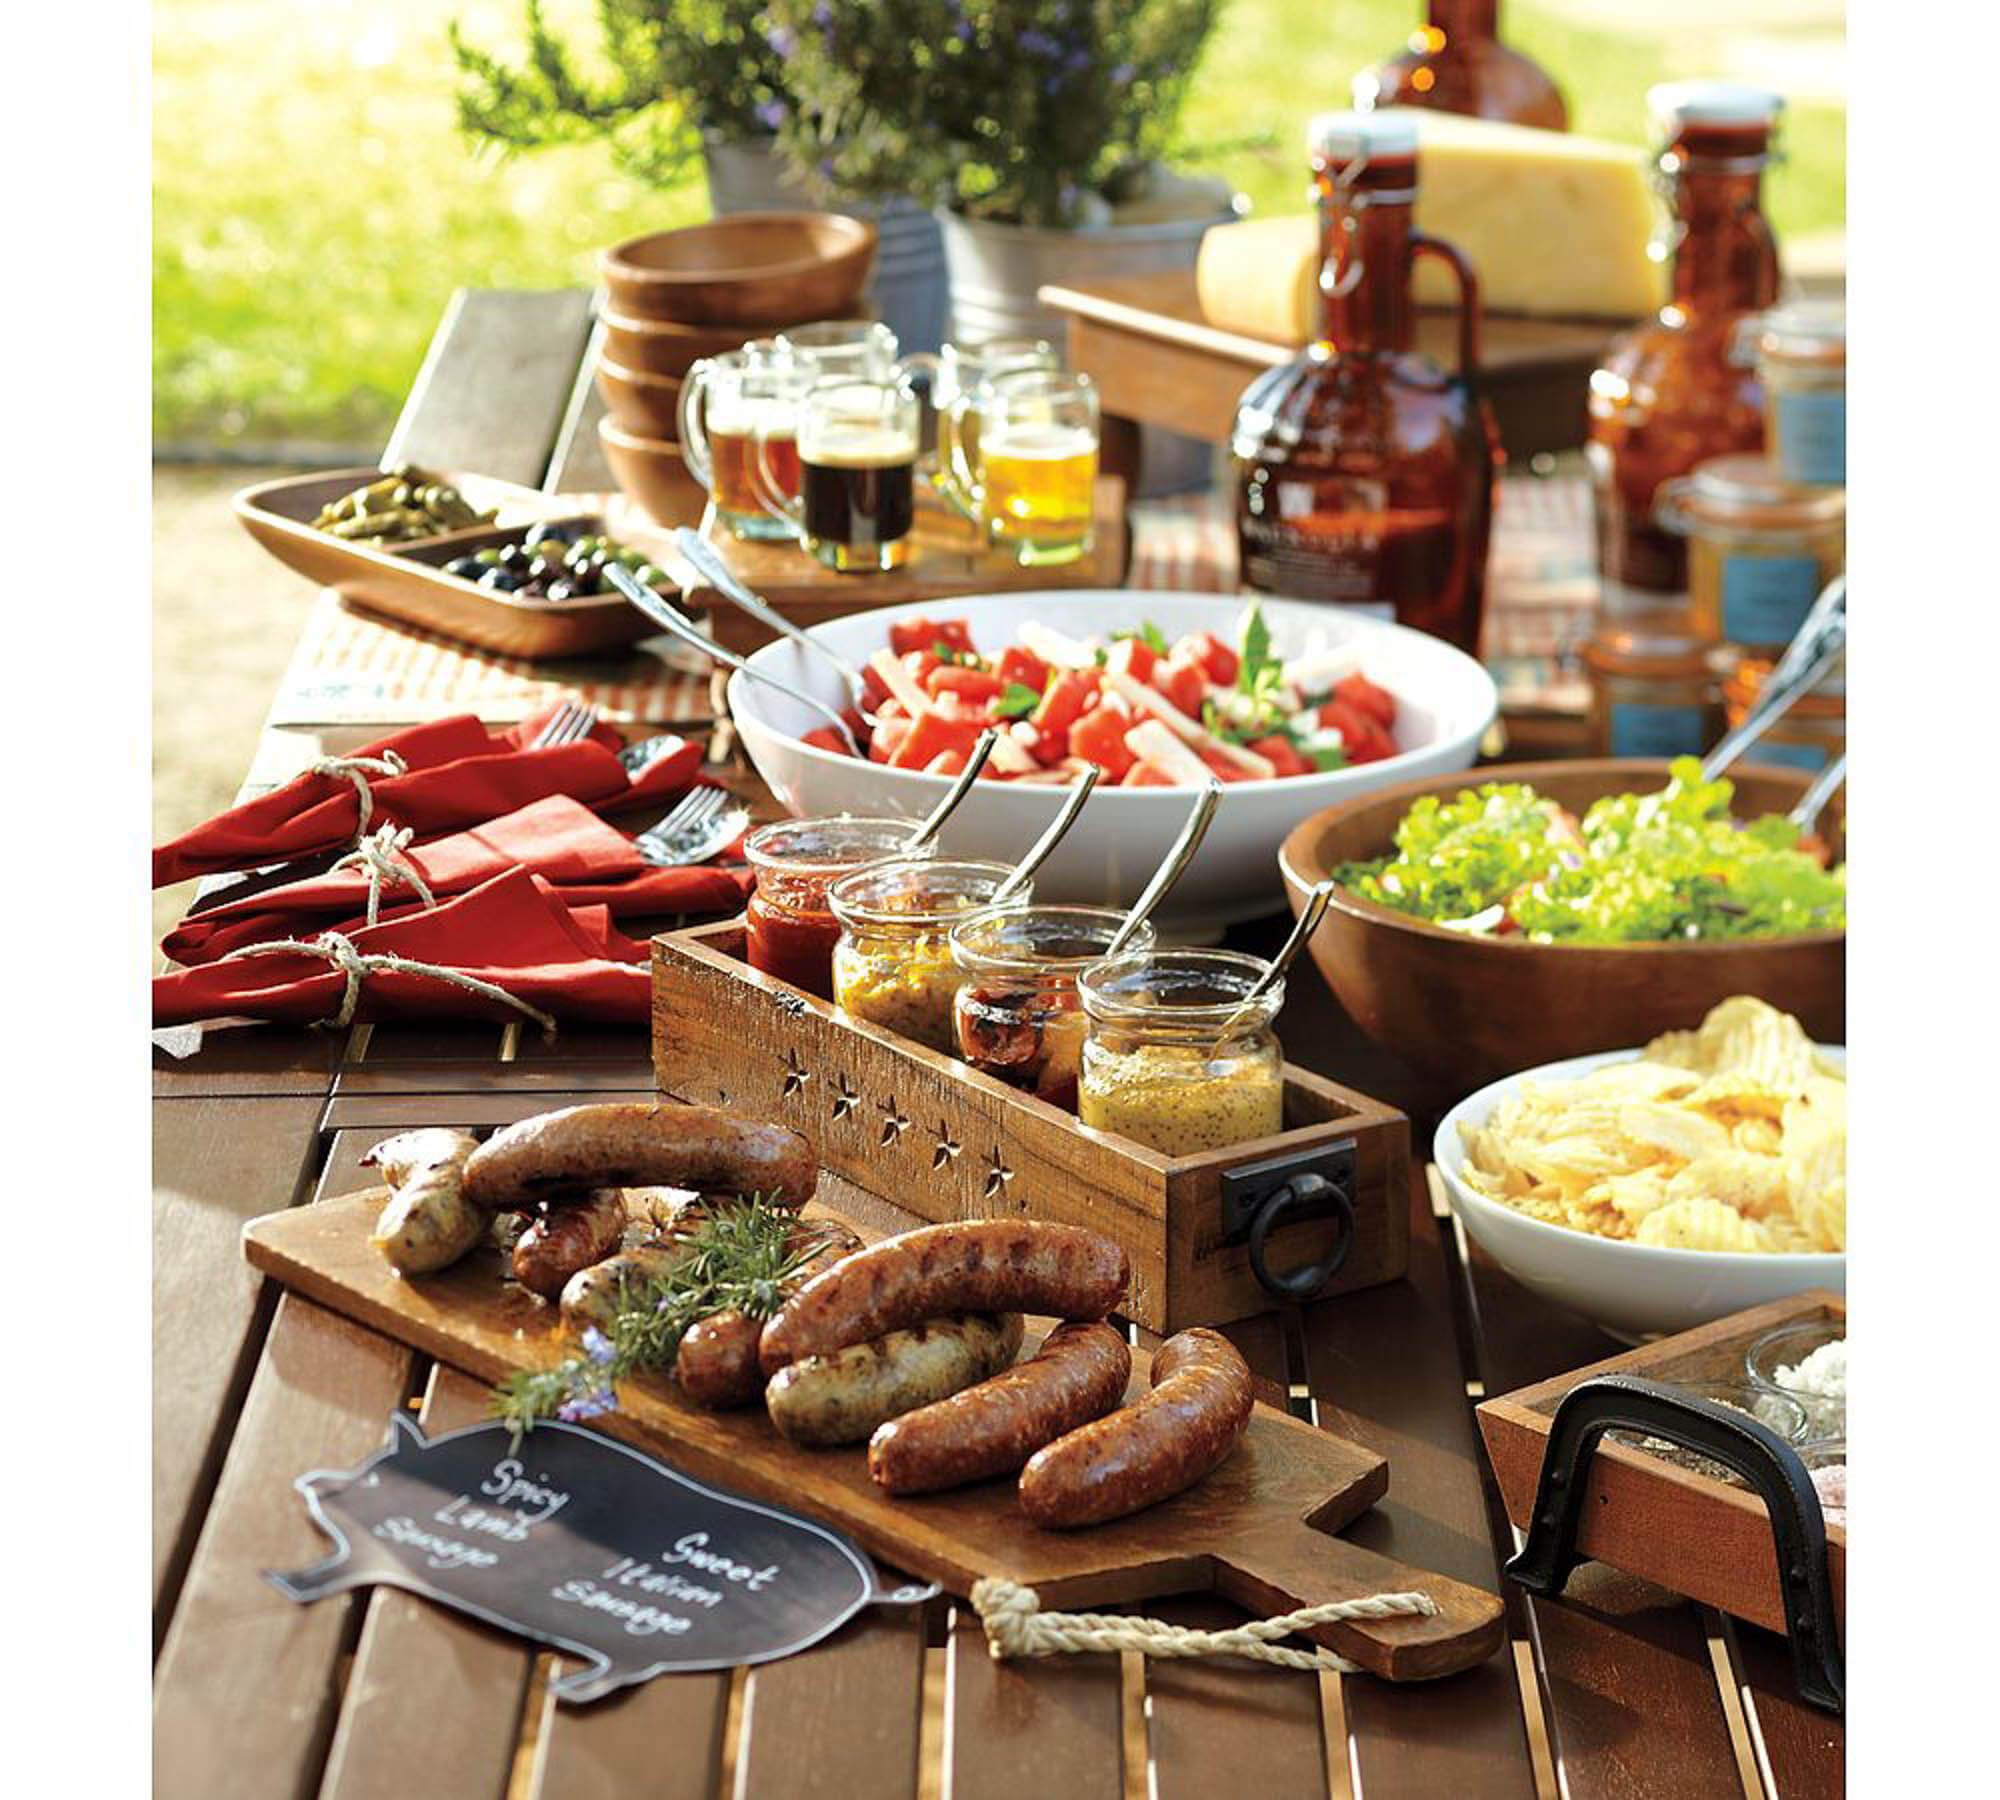 How to Craft Backyard Cookout Ideas via Simphome.com 11